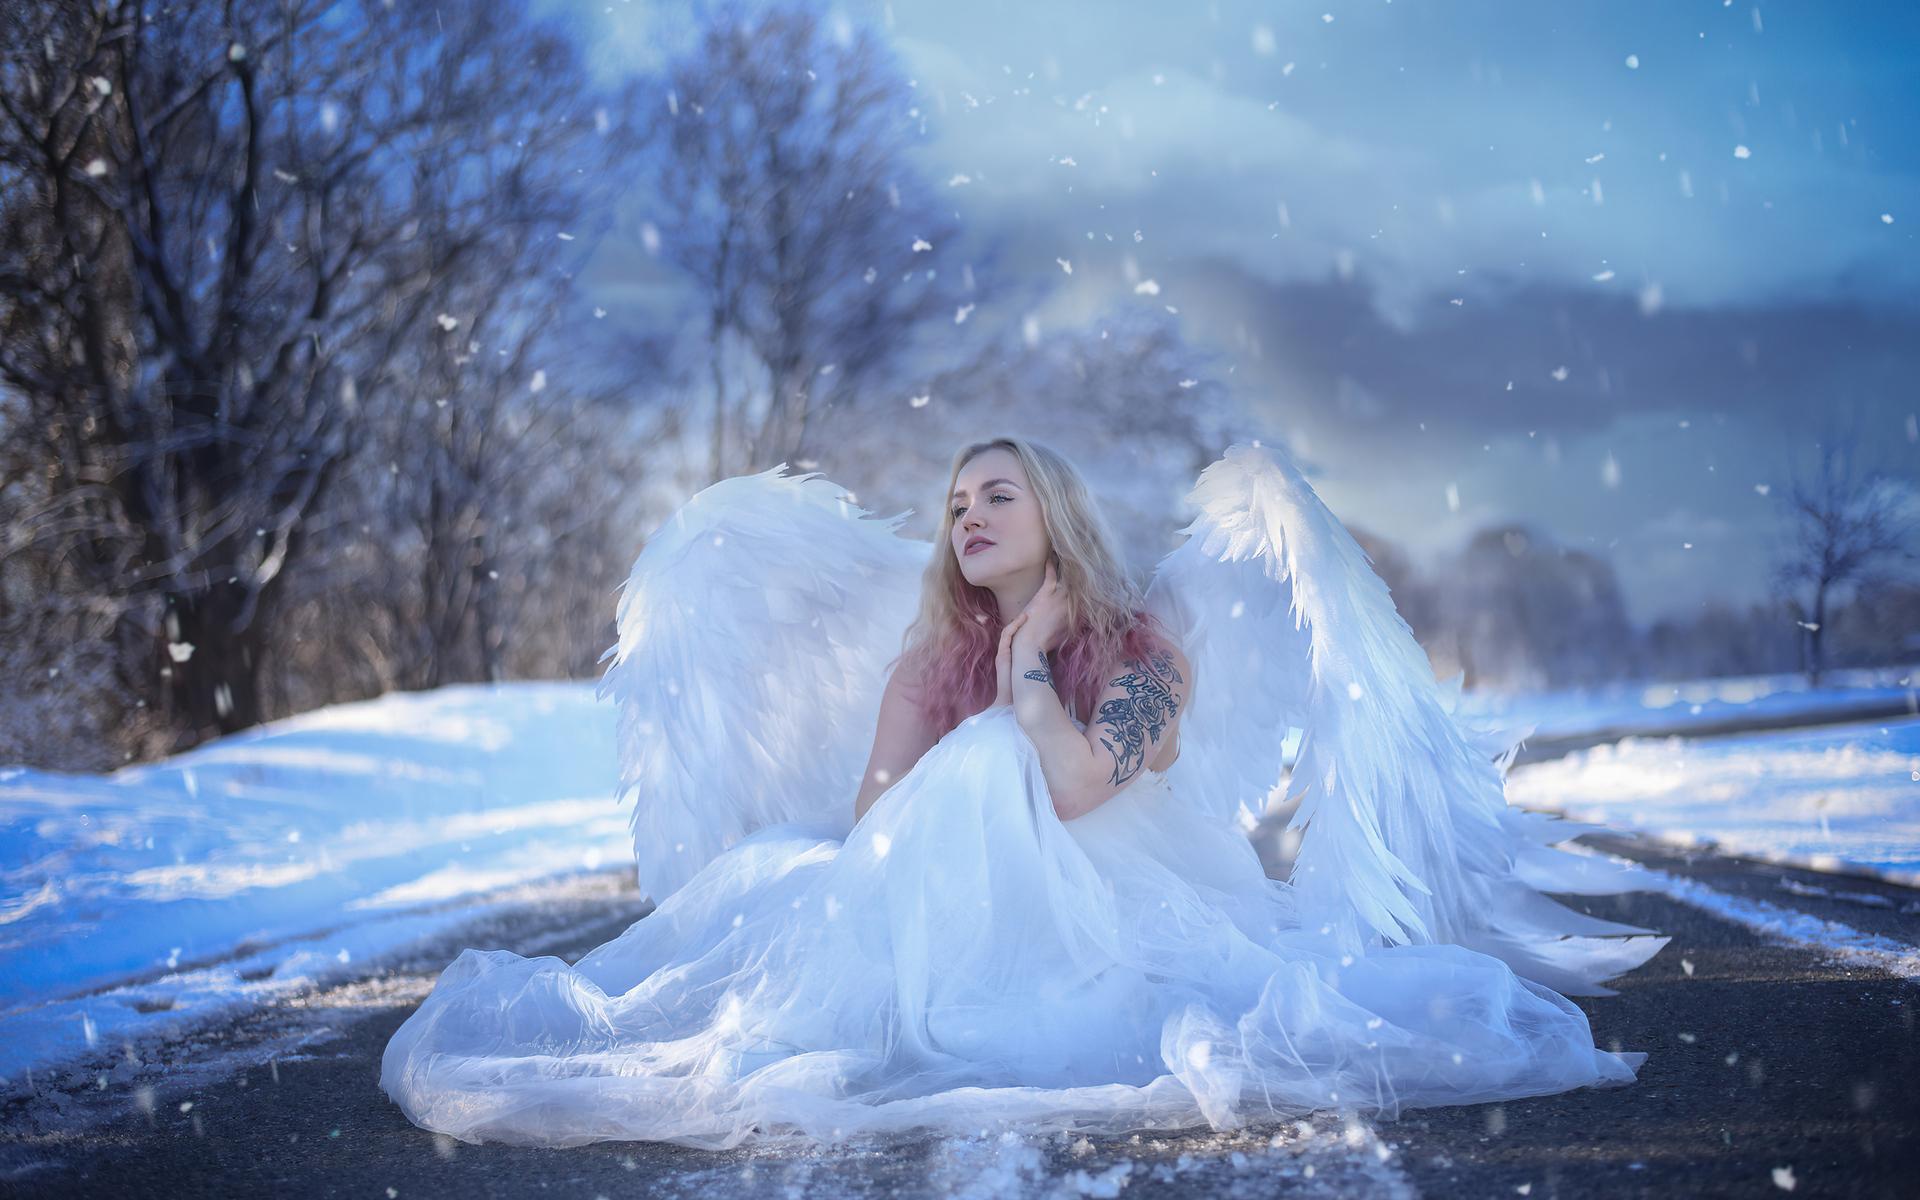 winter-angel-4k-pe.jpg